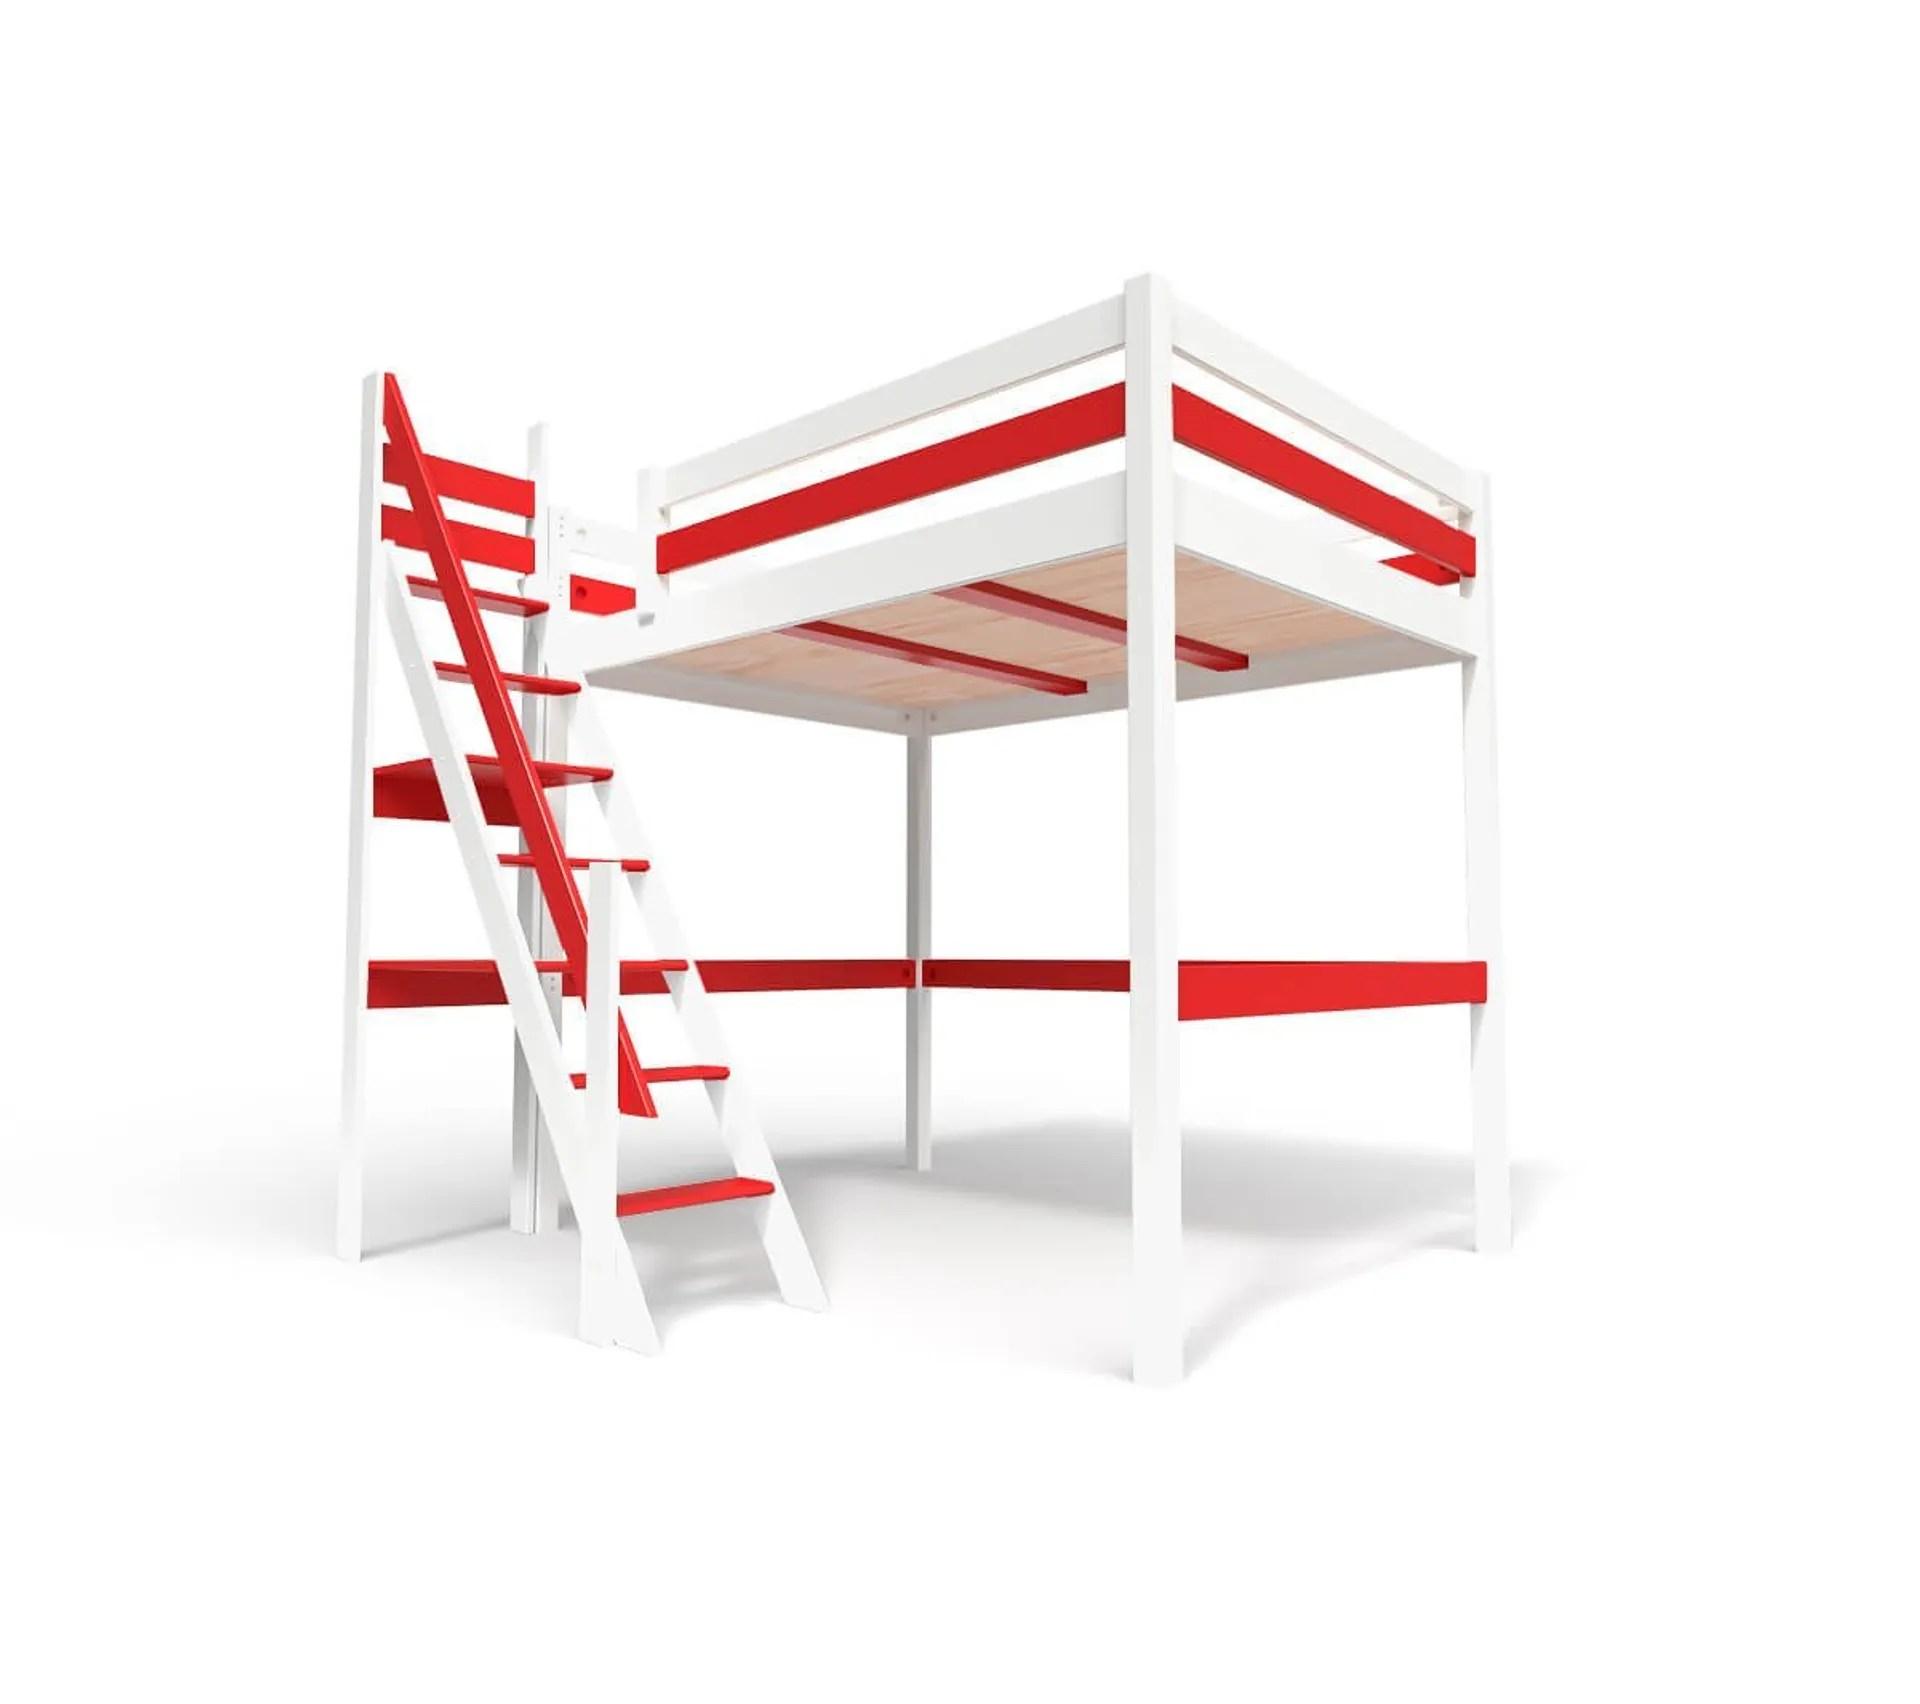 lit mezzanine sylvia avec escalier de meunier bois couleur blanc rouge dimensions 140x200